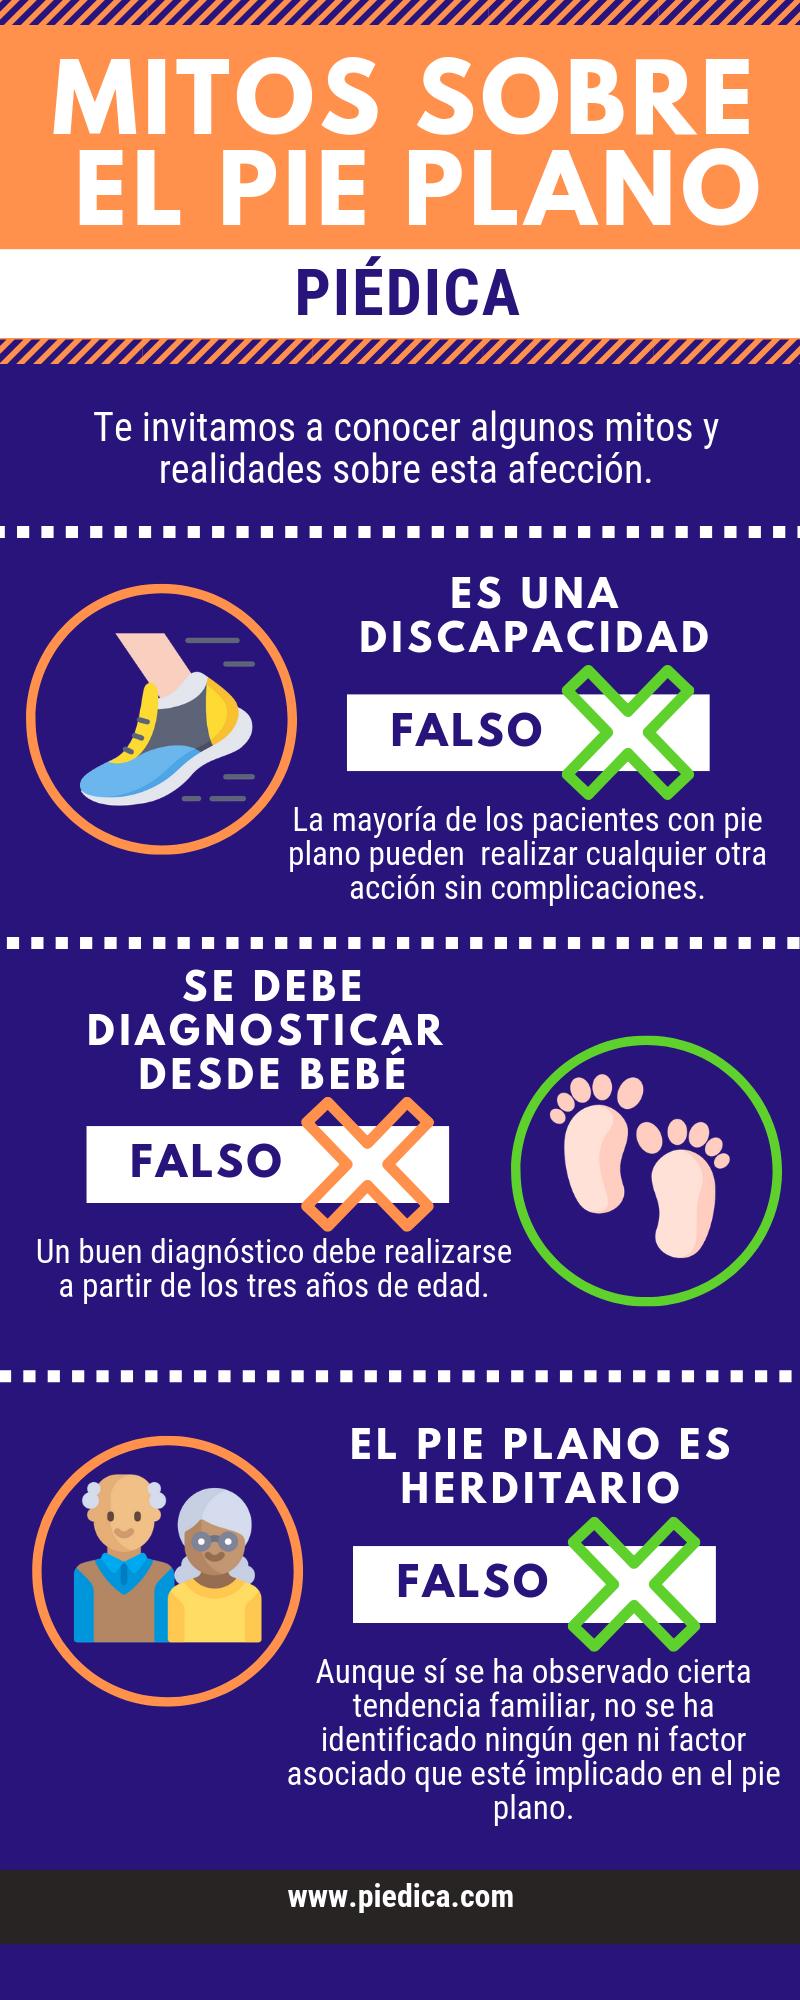 Mitos sobre pie plano